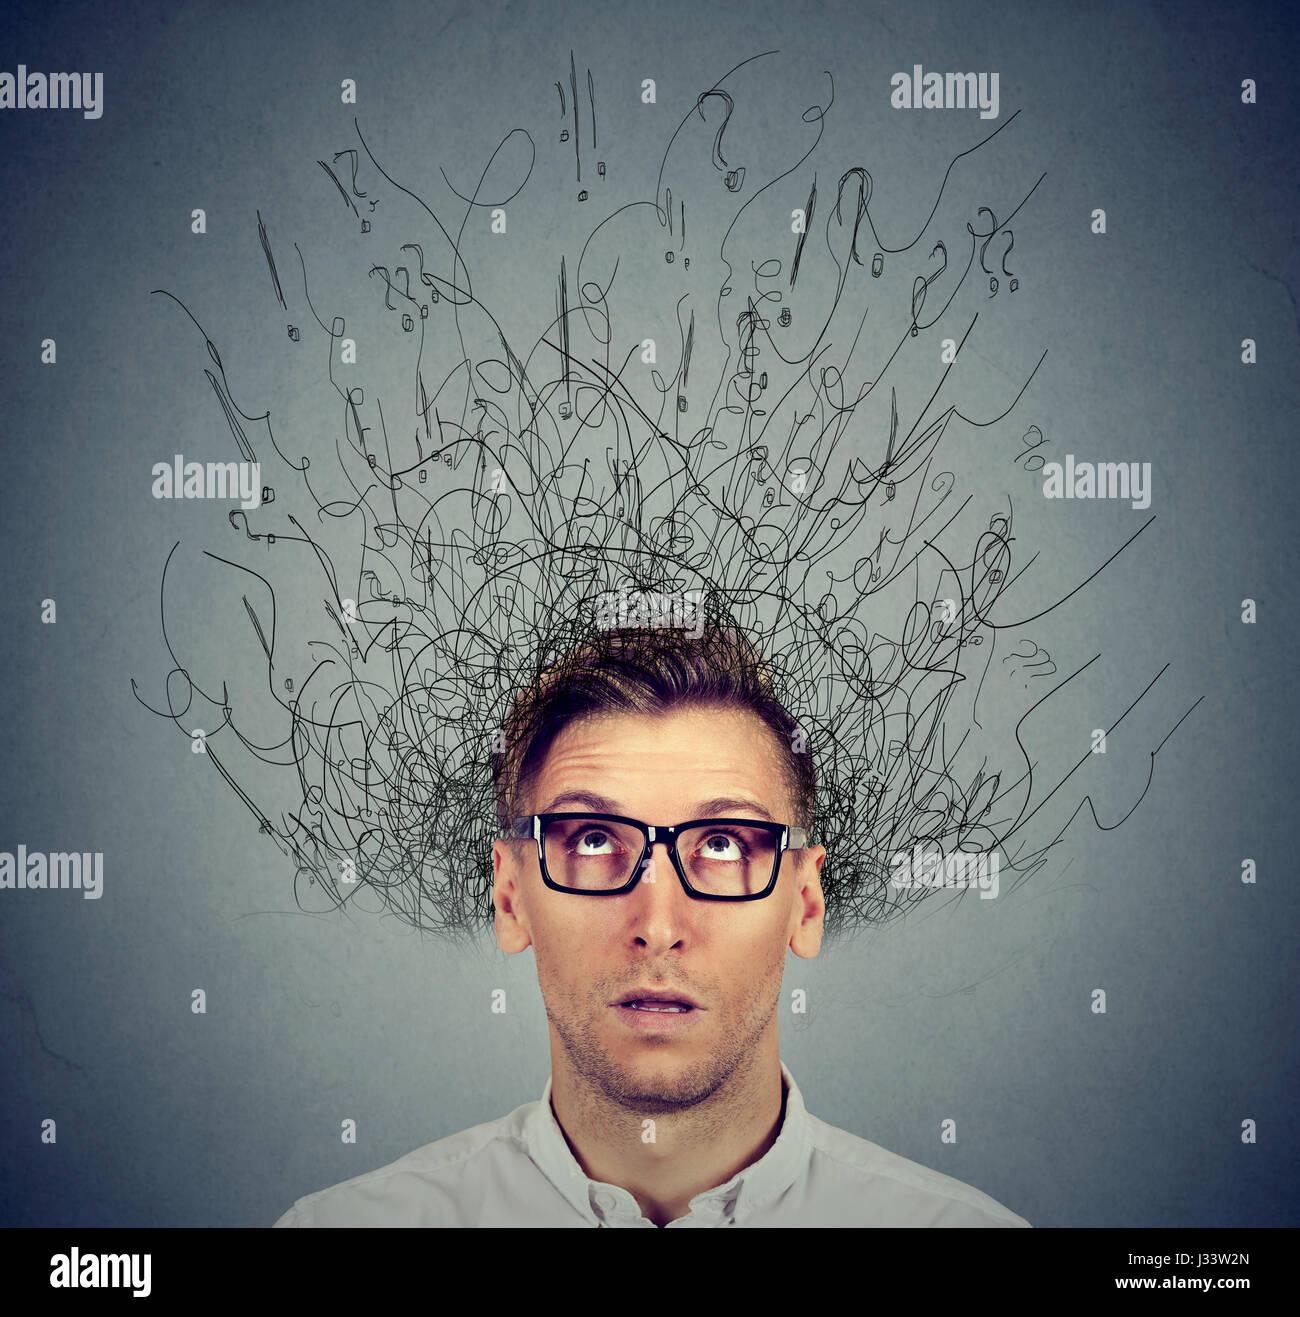 Joven con expresión de cara destacó preocupados y derretimiento de cerebro en líneas de interrogación. Imagen De Stock